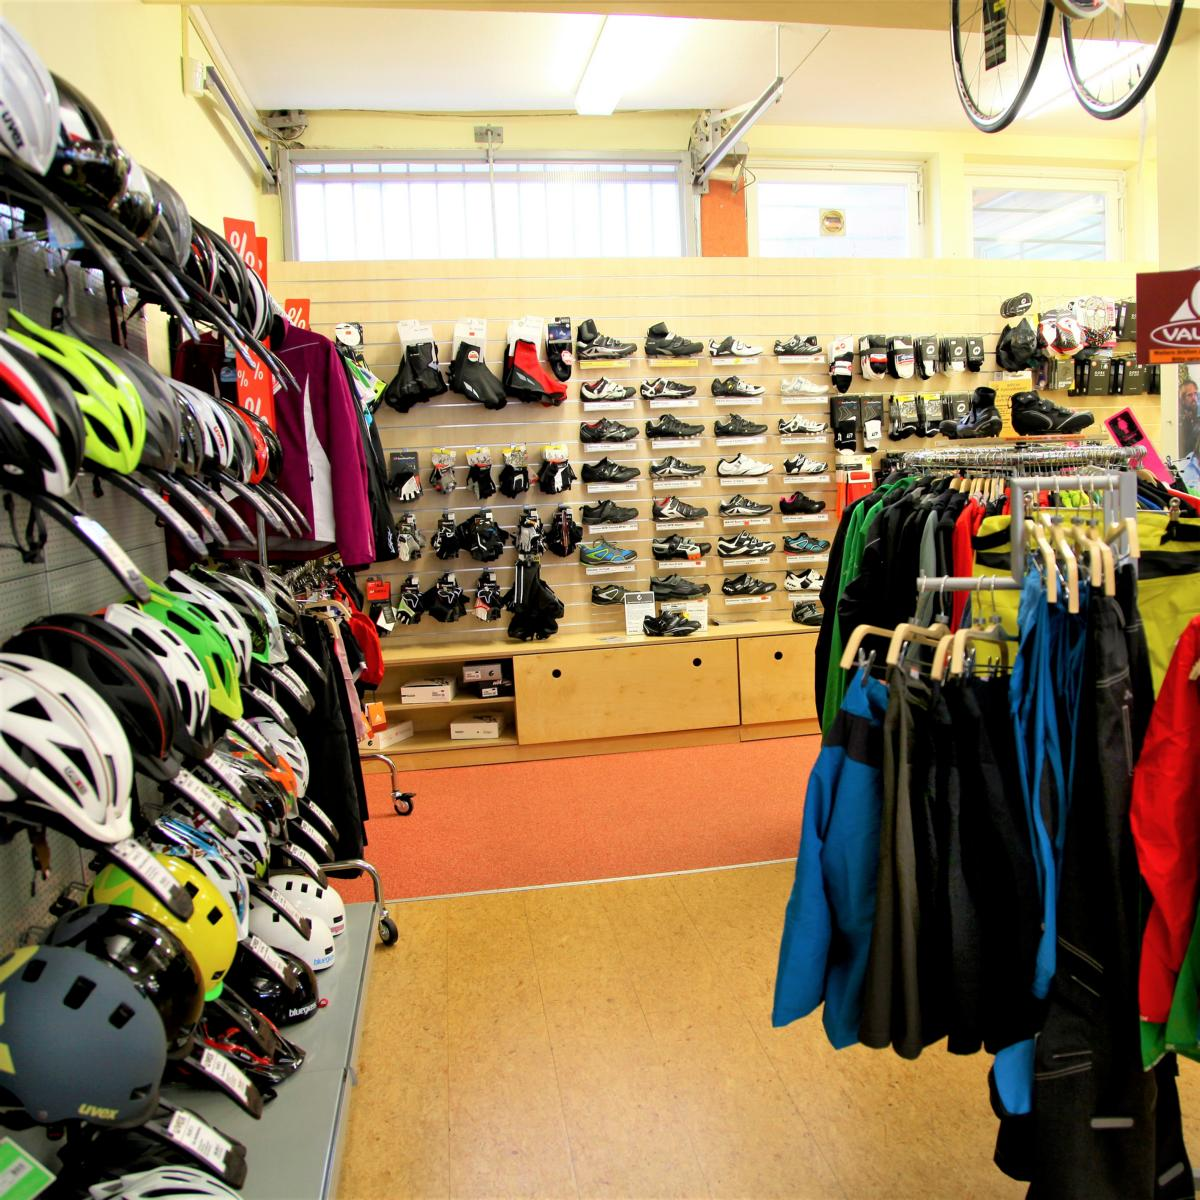 Style Hannover Fahrradkontor 3 - Fahrradkontor - Fachgeschäft rundherum